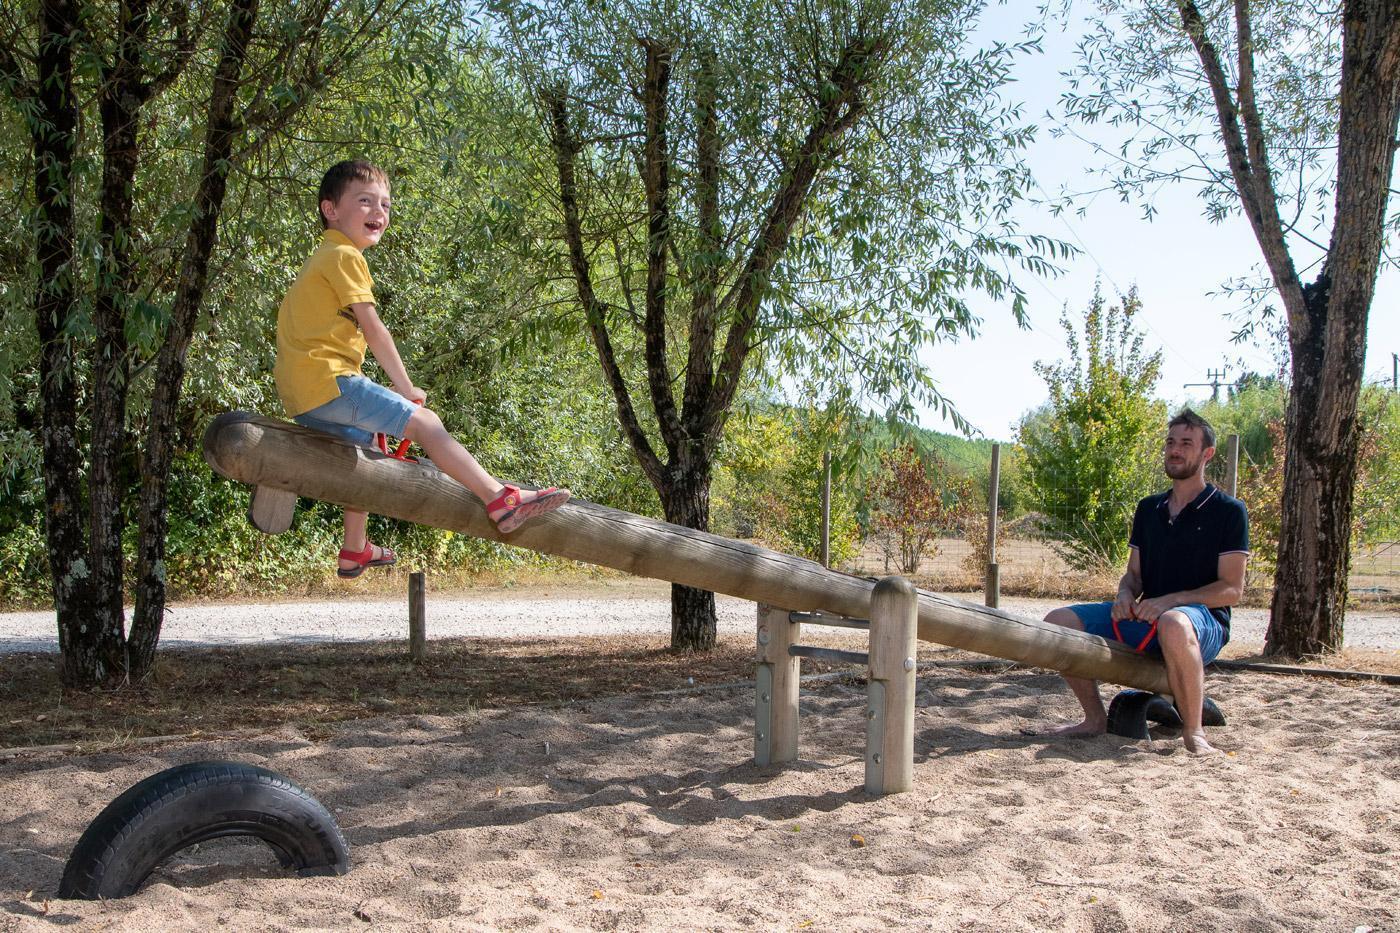 Camping Sites Et Paysages Les Saules Cheverny Activite Parcours Balançoire